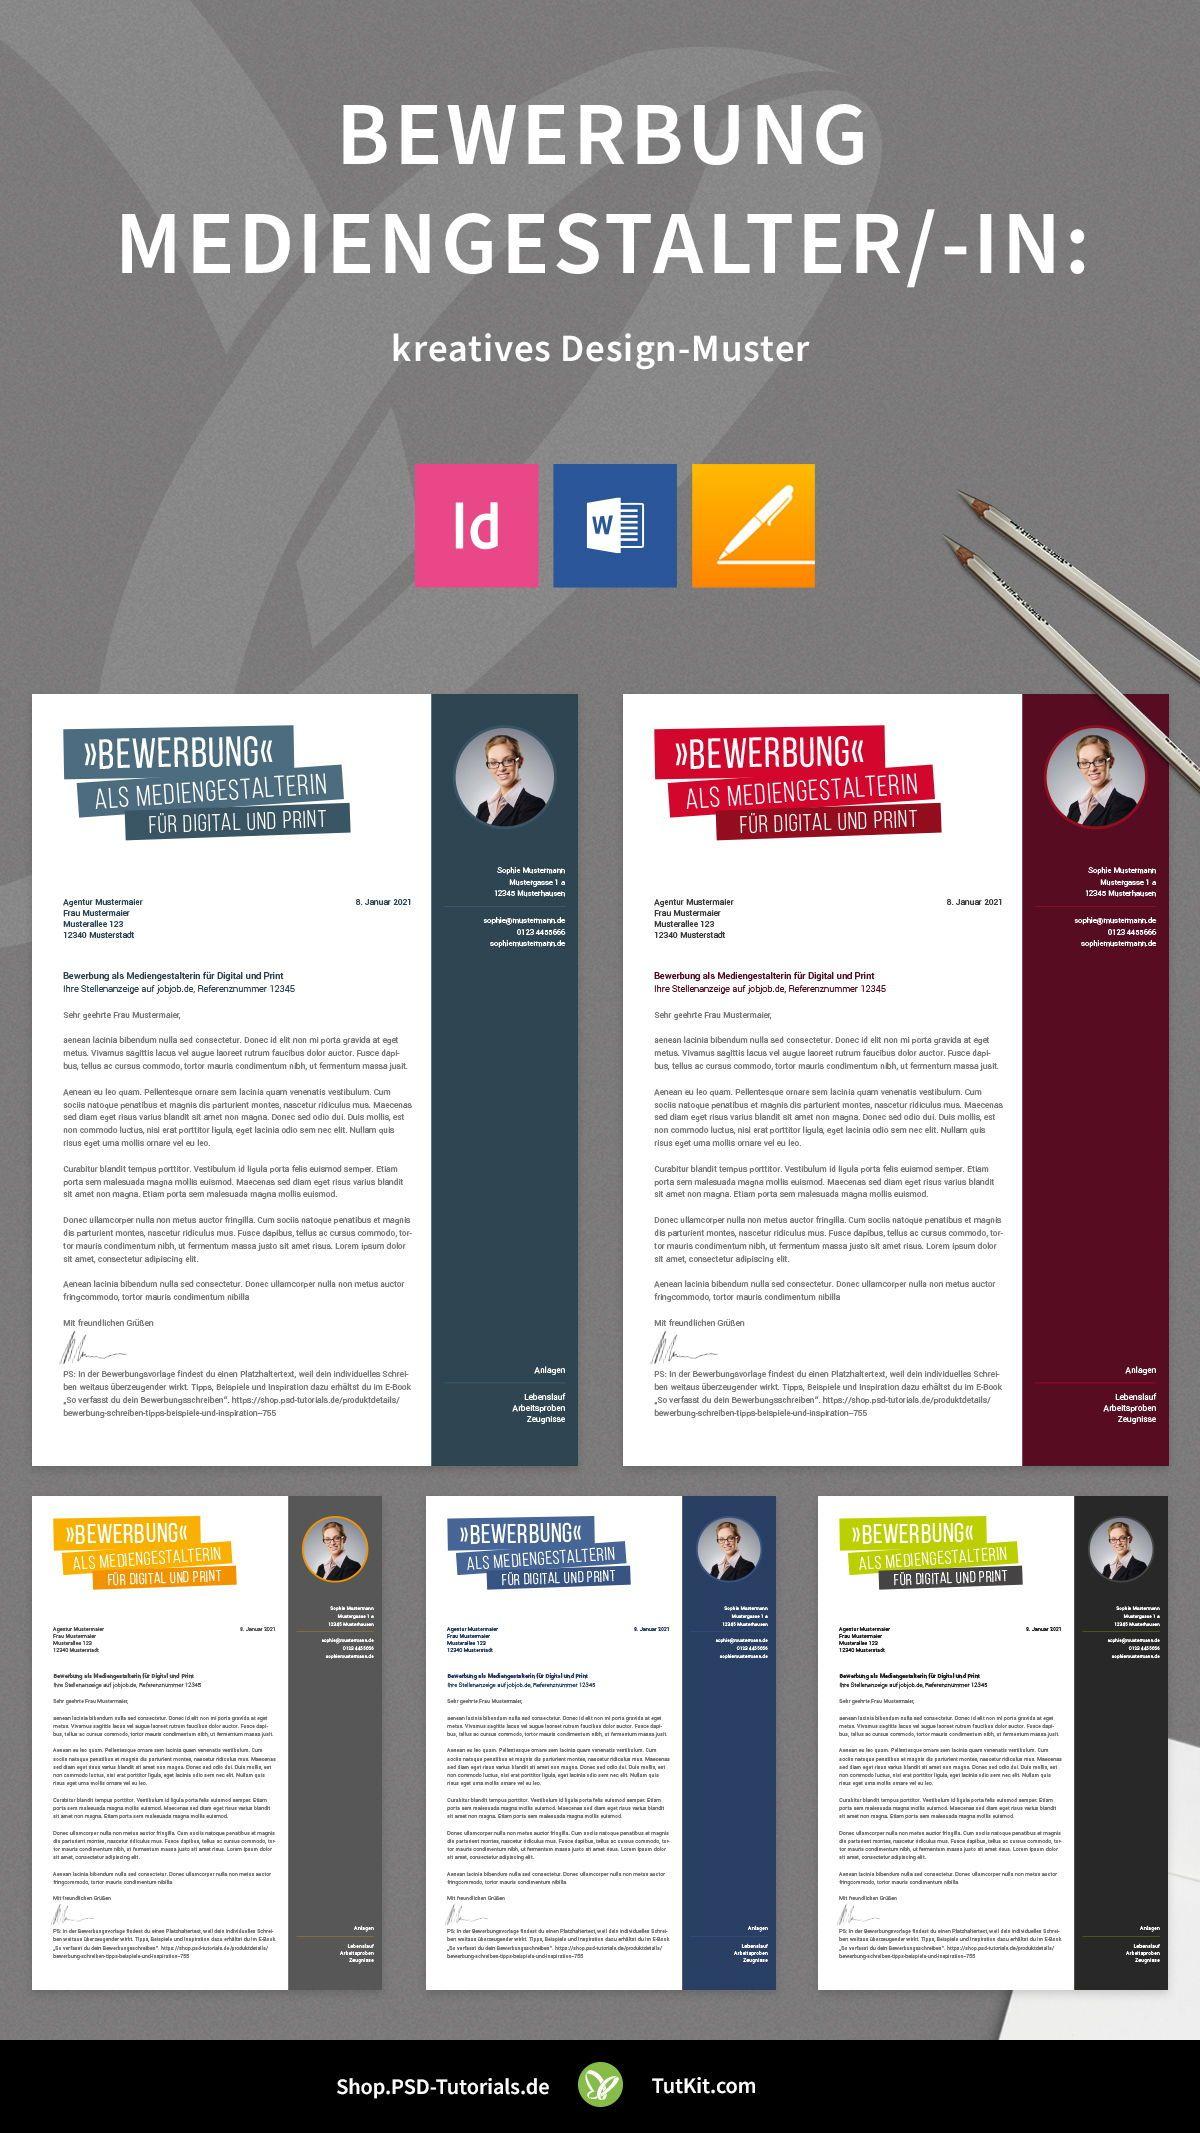 Bewerbung Mediengestalter In Kreatives Design Muster In 2020 Bewerbung Lebenslauf Kreatives Design Vorlage Deckblatt Bewerbung